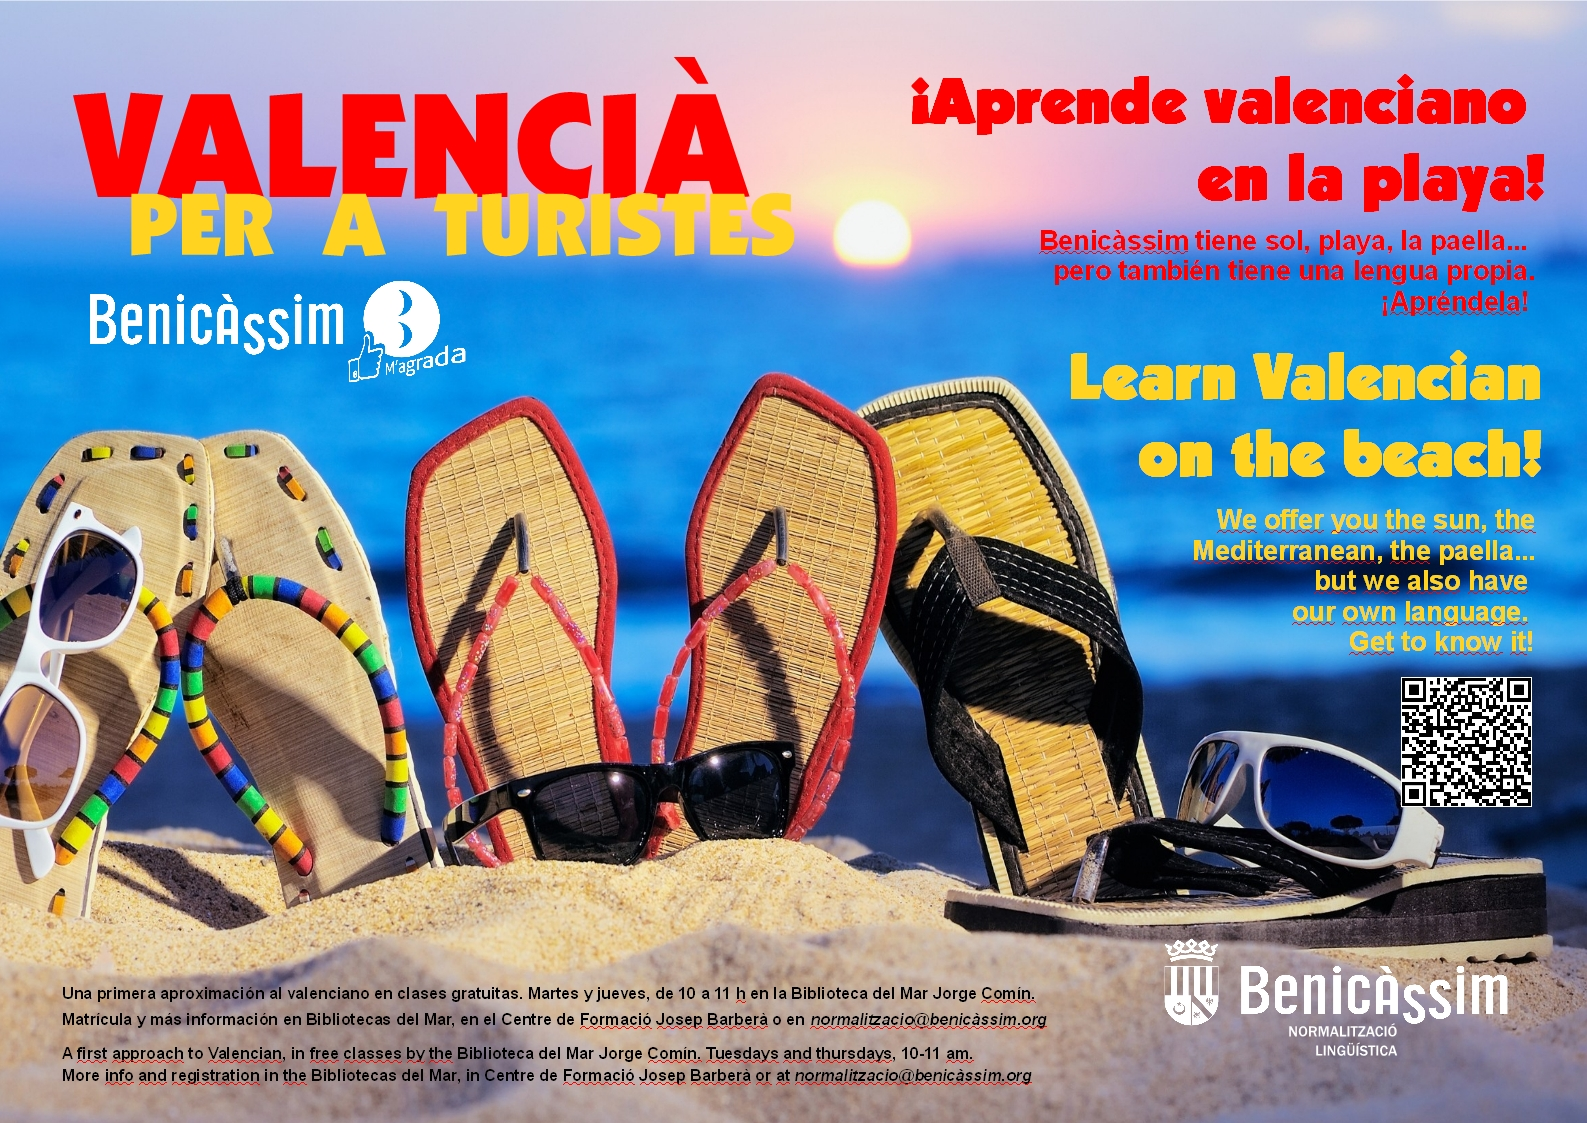 """""""Valencià per a turistes"""", una forma fácil de aprender valenciano por parte de los turistas"""